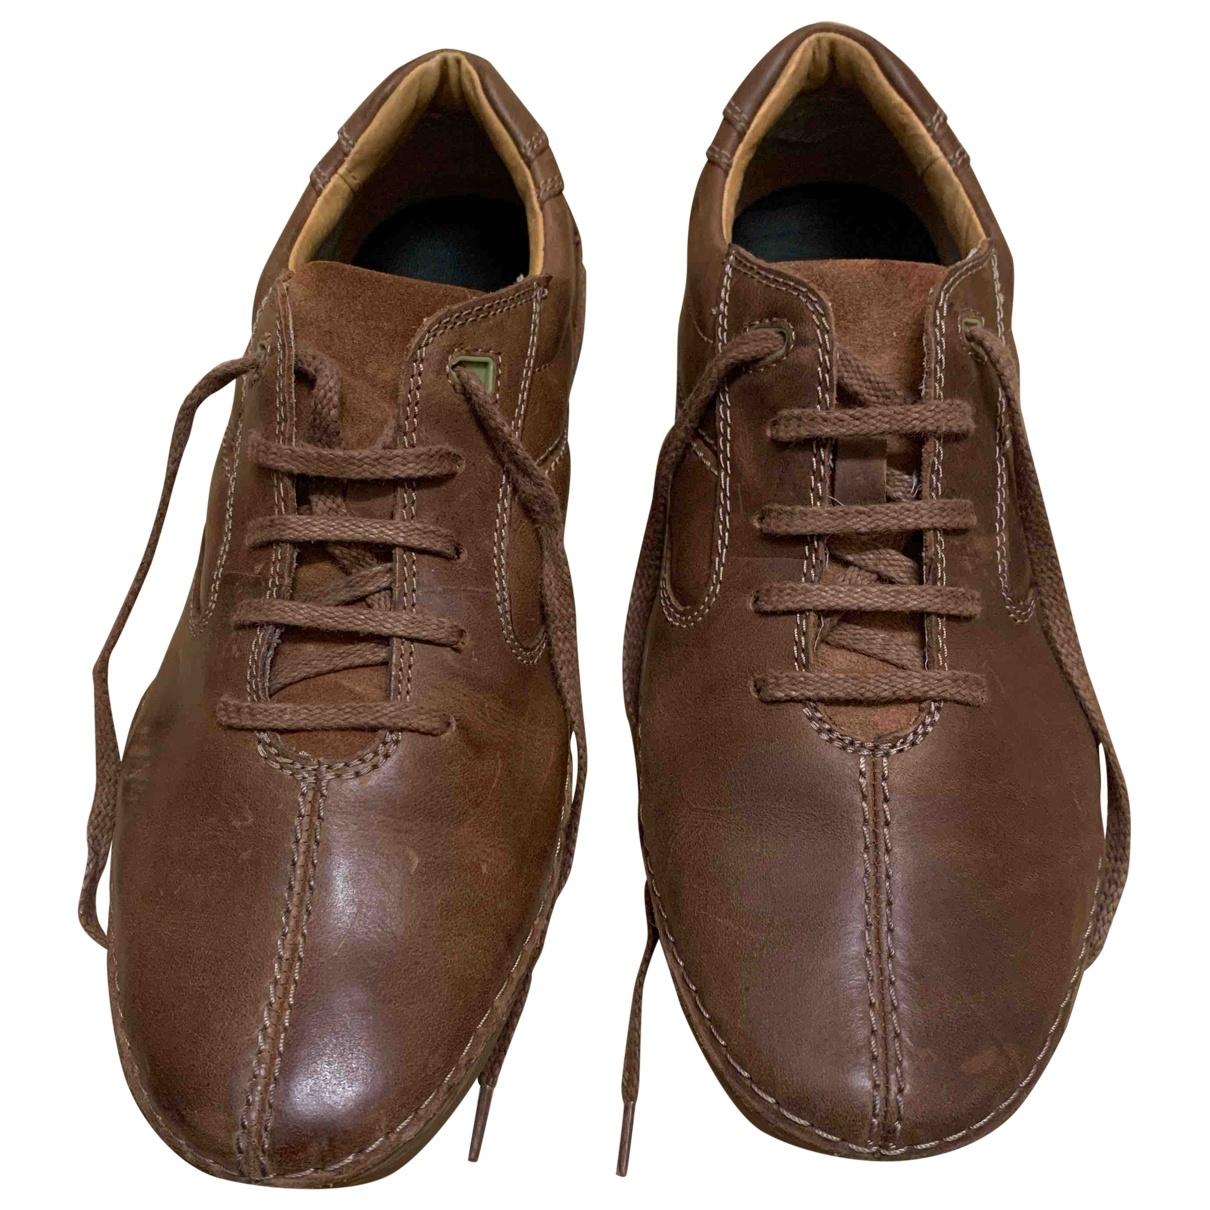 Clarks - Derbies   pour homme en cuir - marron